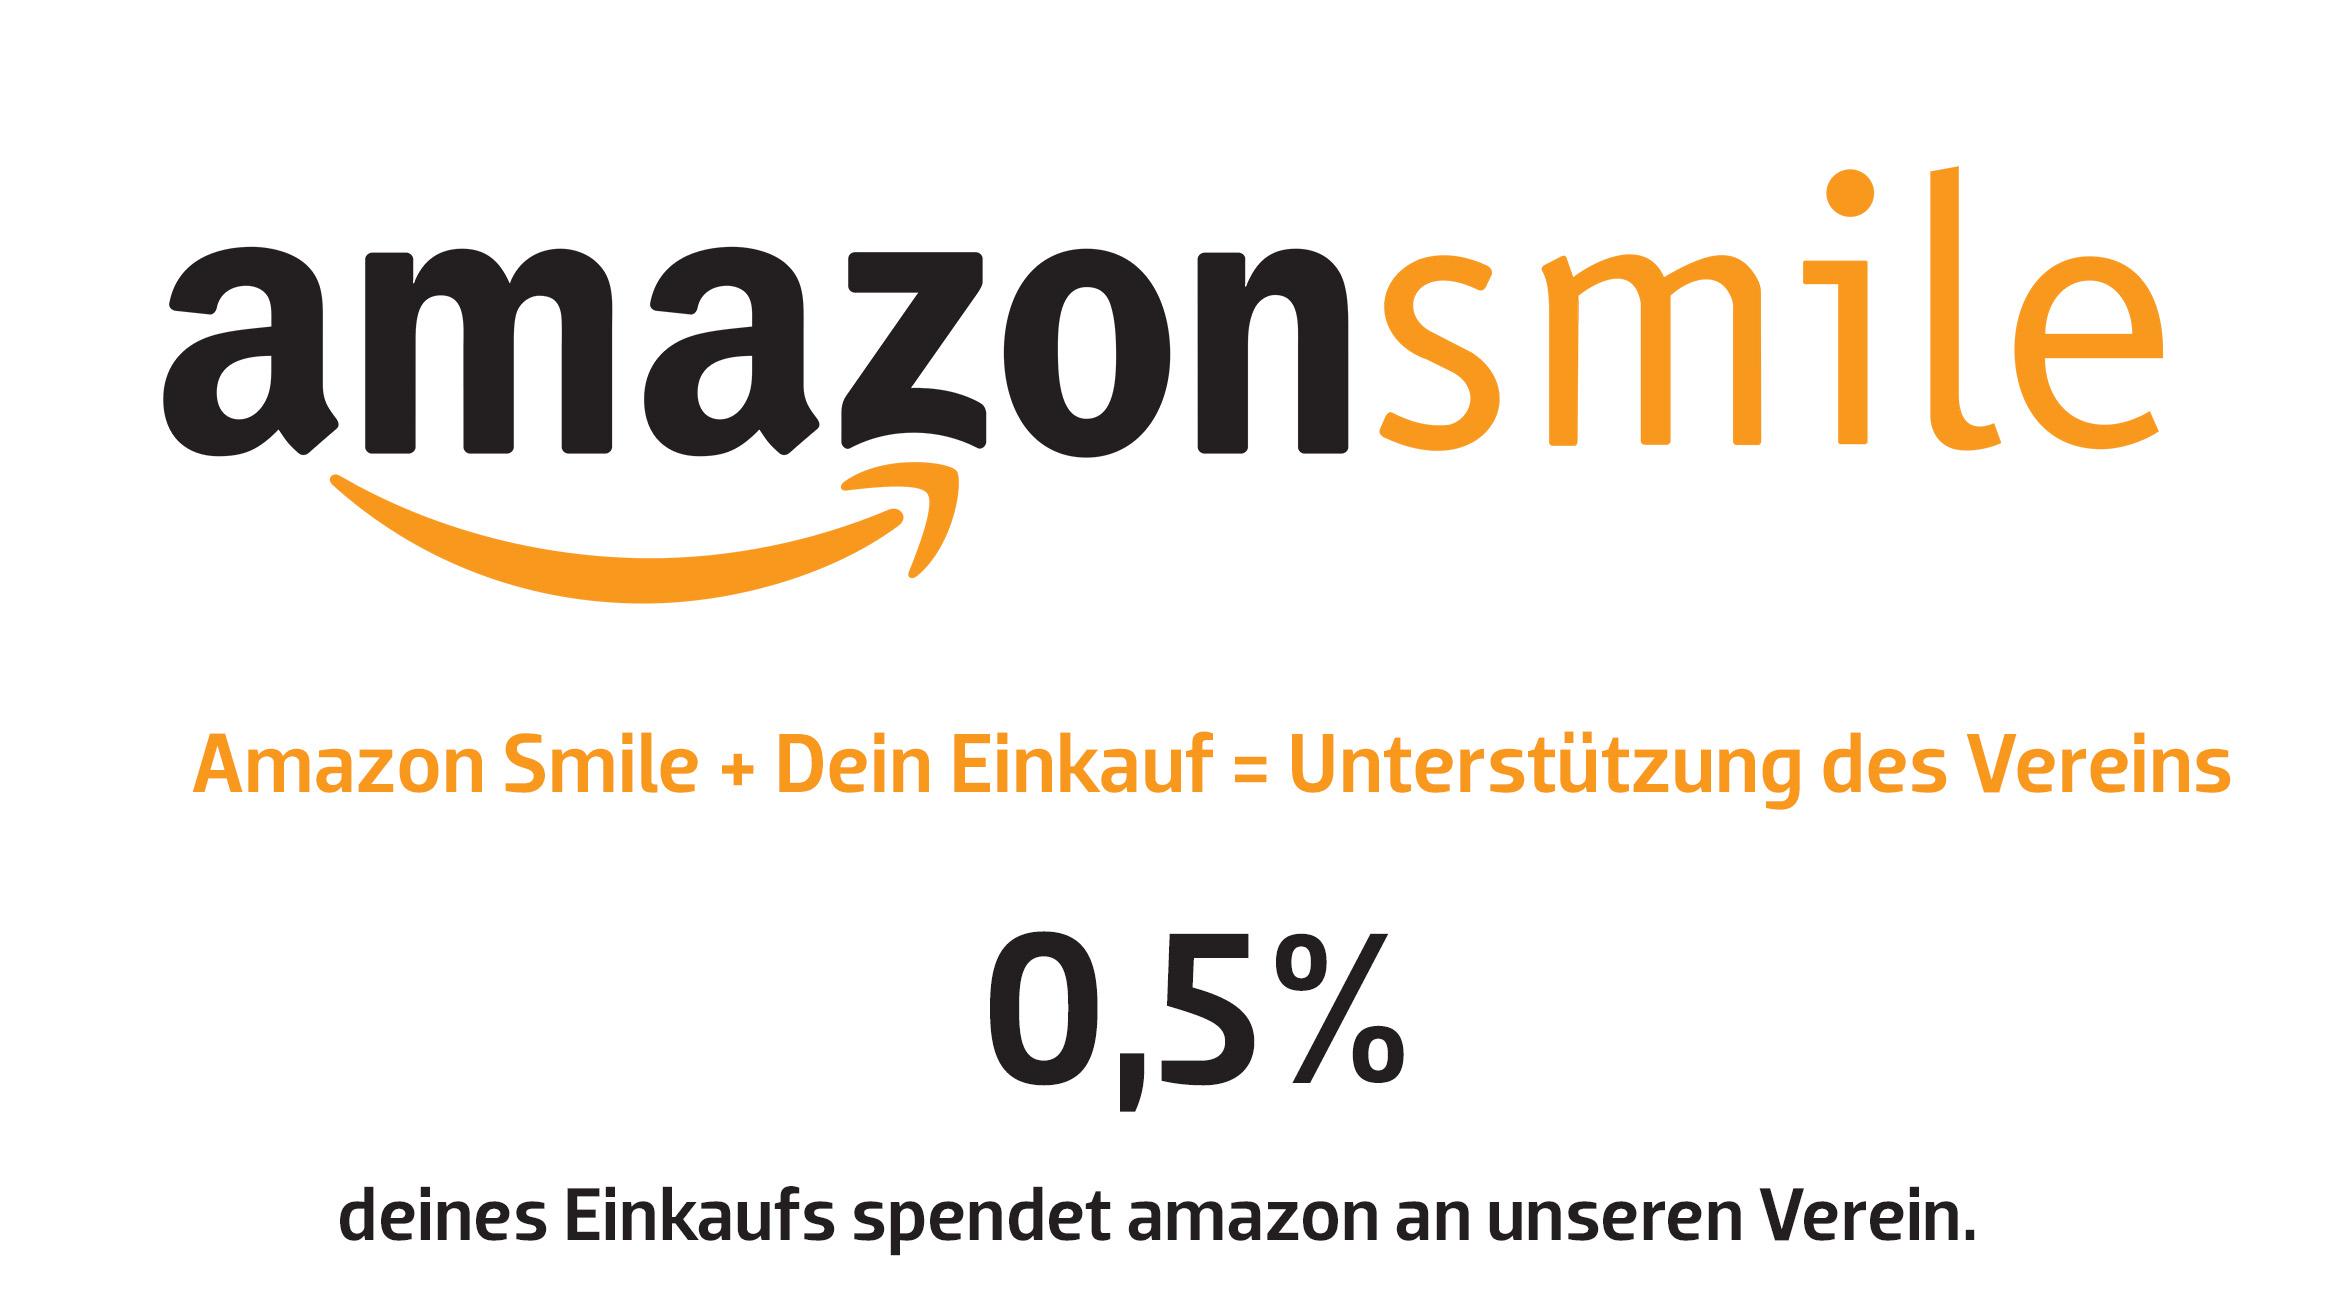 amazon smile für den SWV - SWV Goldlauter - Sport Verein Langlauf ...